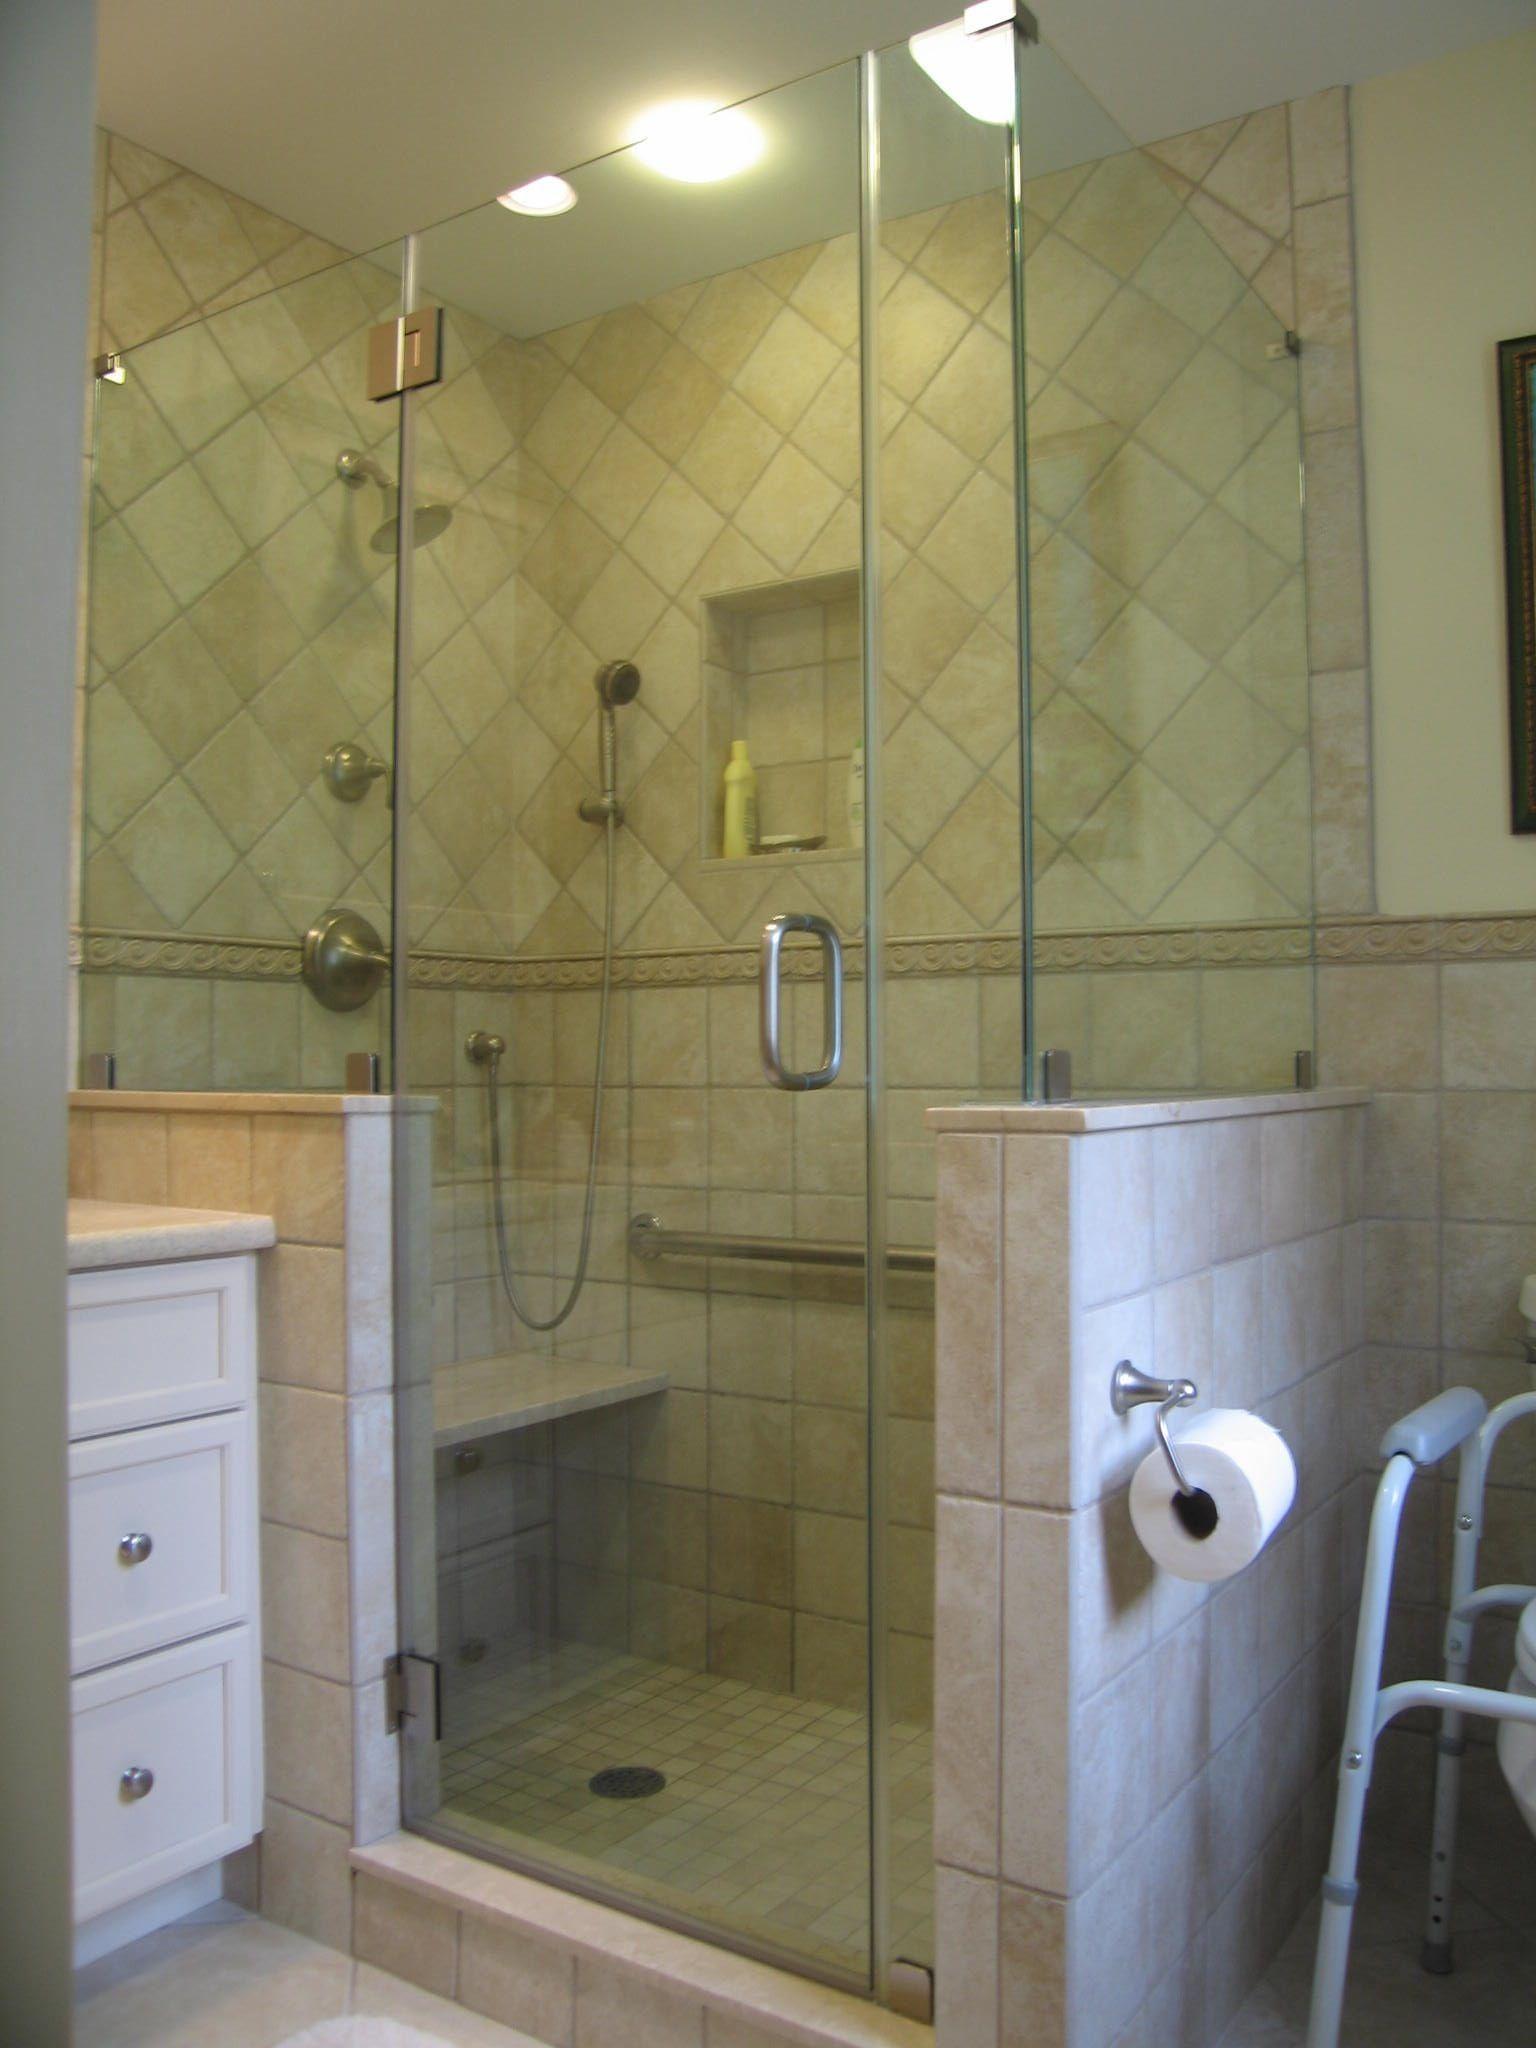 Kleine Glas Duschkabinen Randloser Dusche Turen Die Rahmenlosen Duschturen Duschtur Glas Ersatz Badezimmer Glas Badezimmer Dusche Kleines Bad Dekorieren